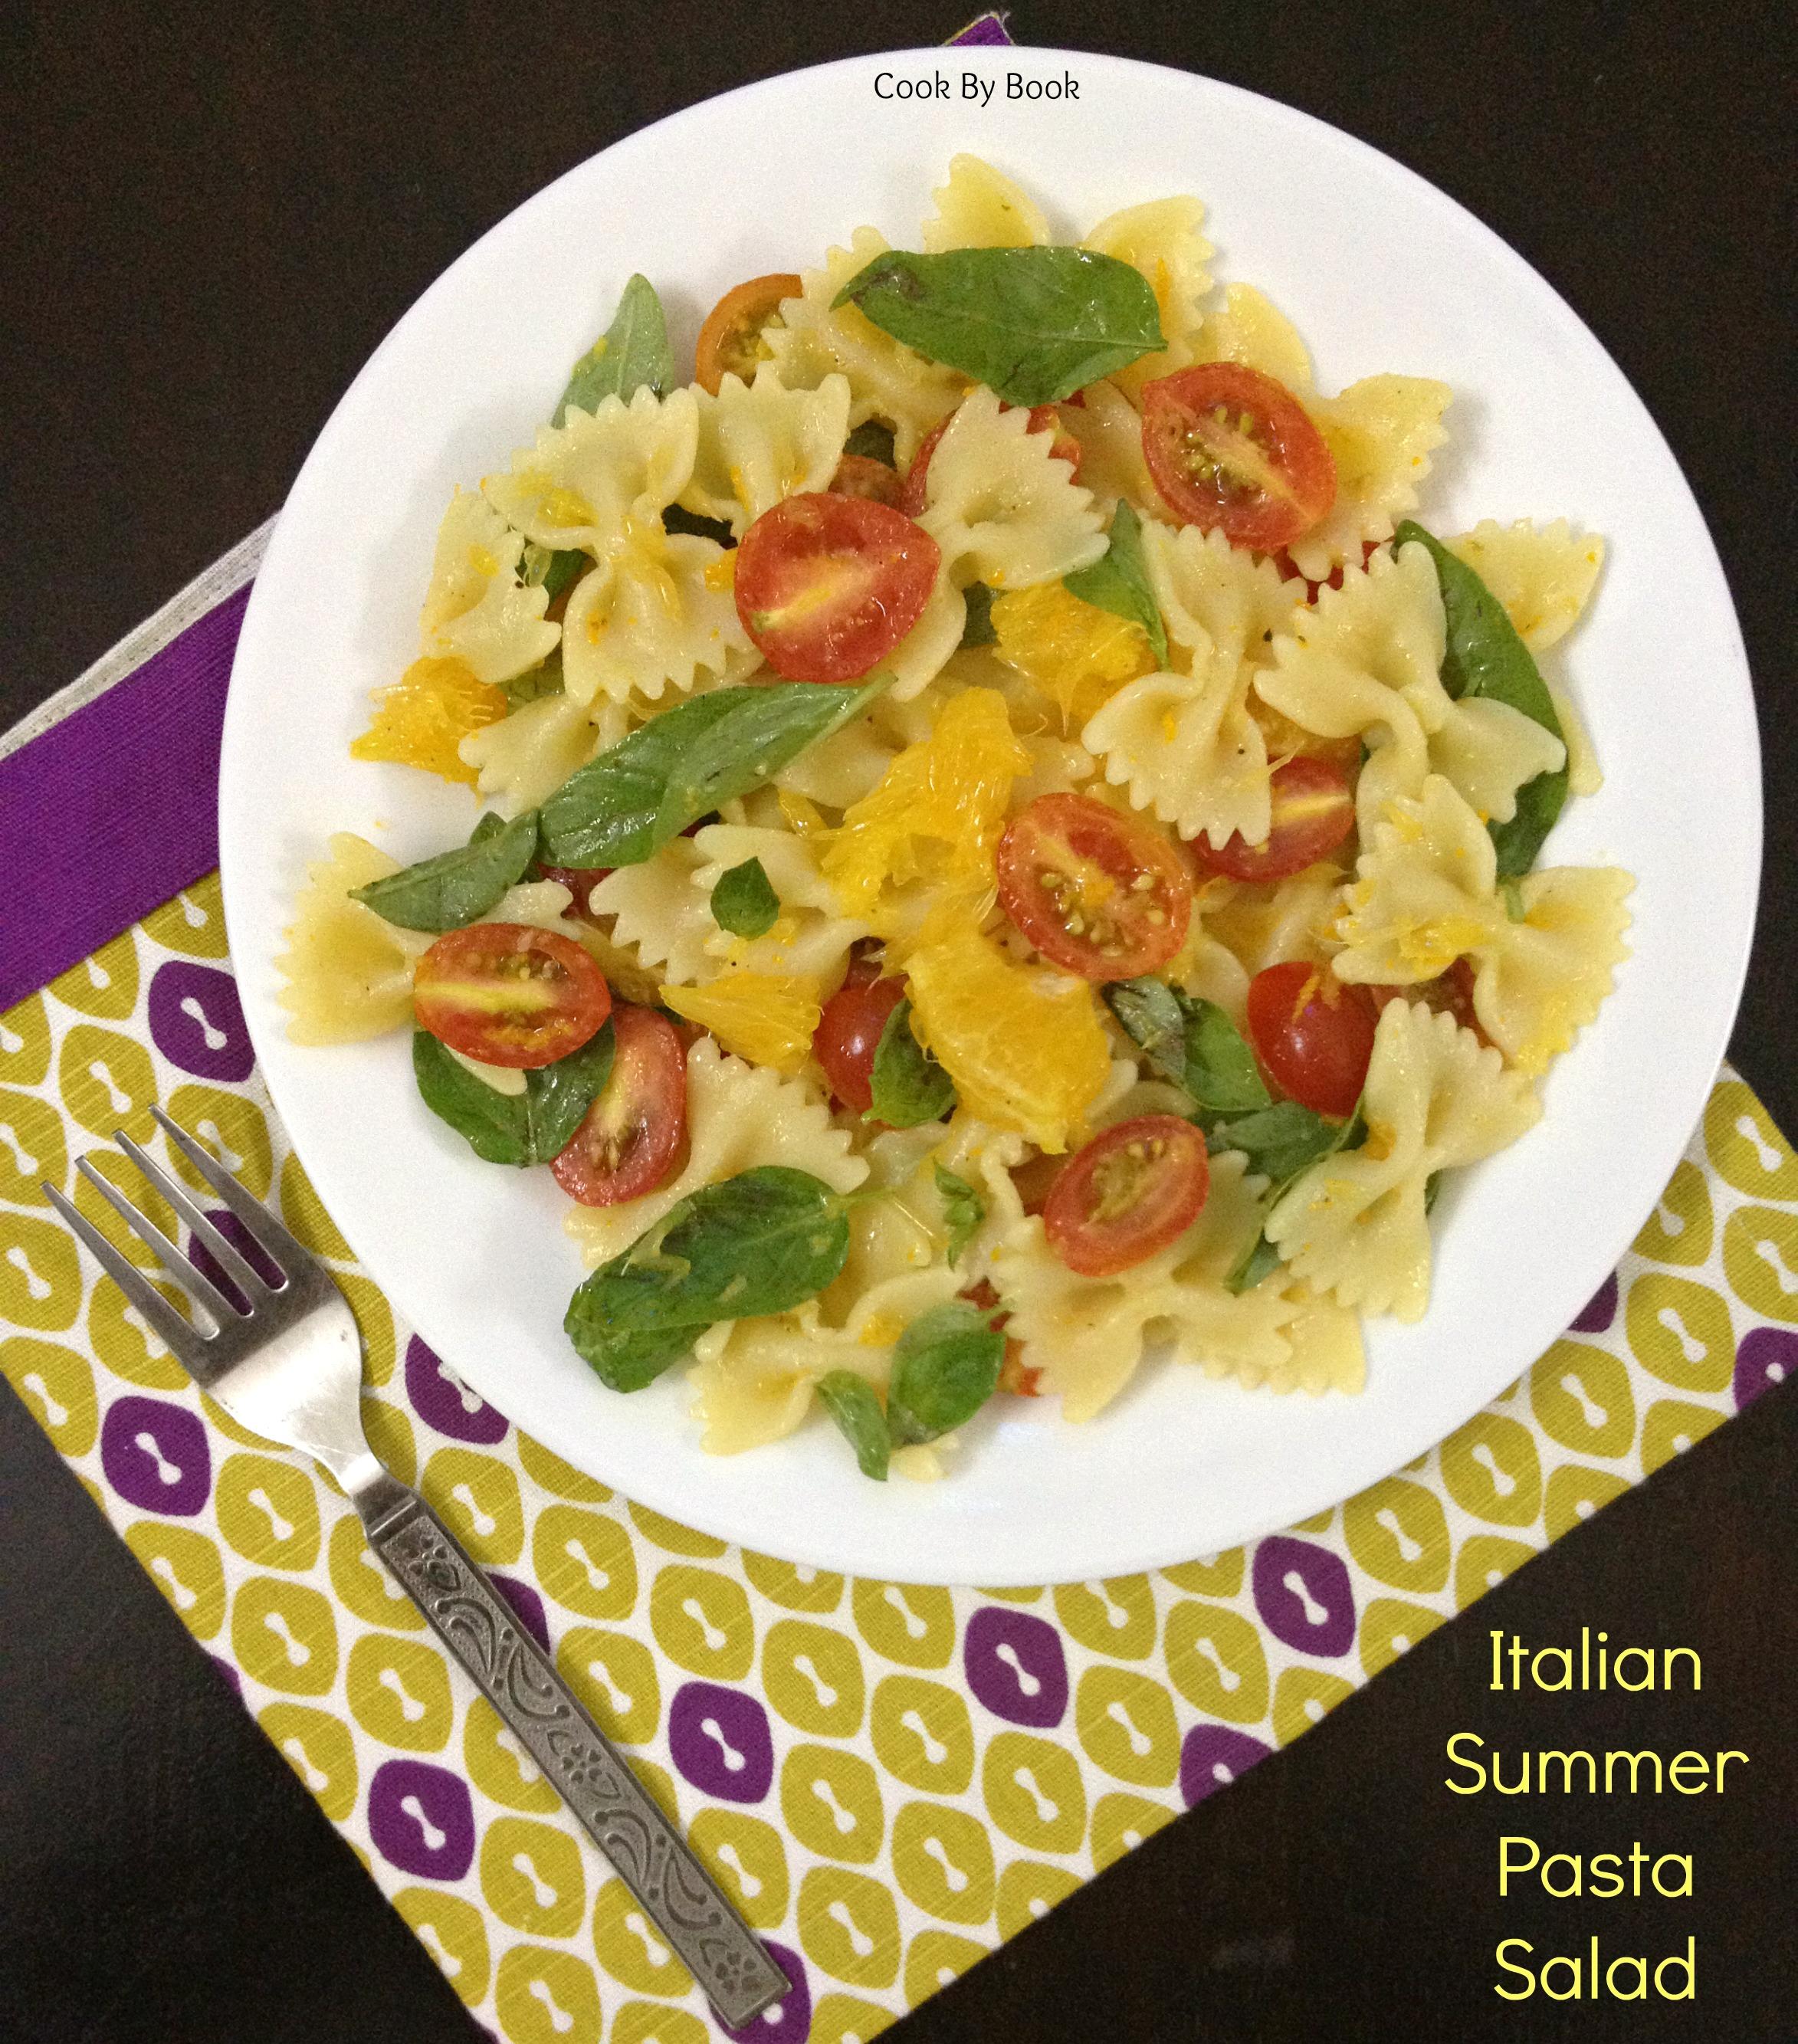 Italian Summer Pasta Salad2